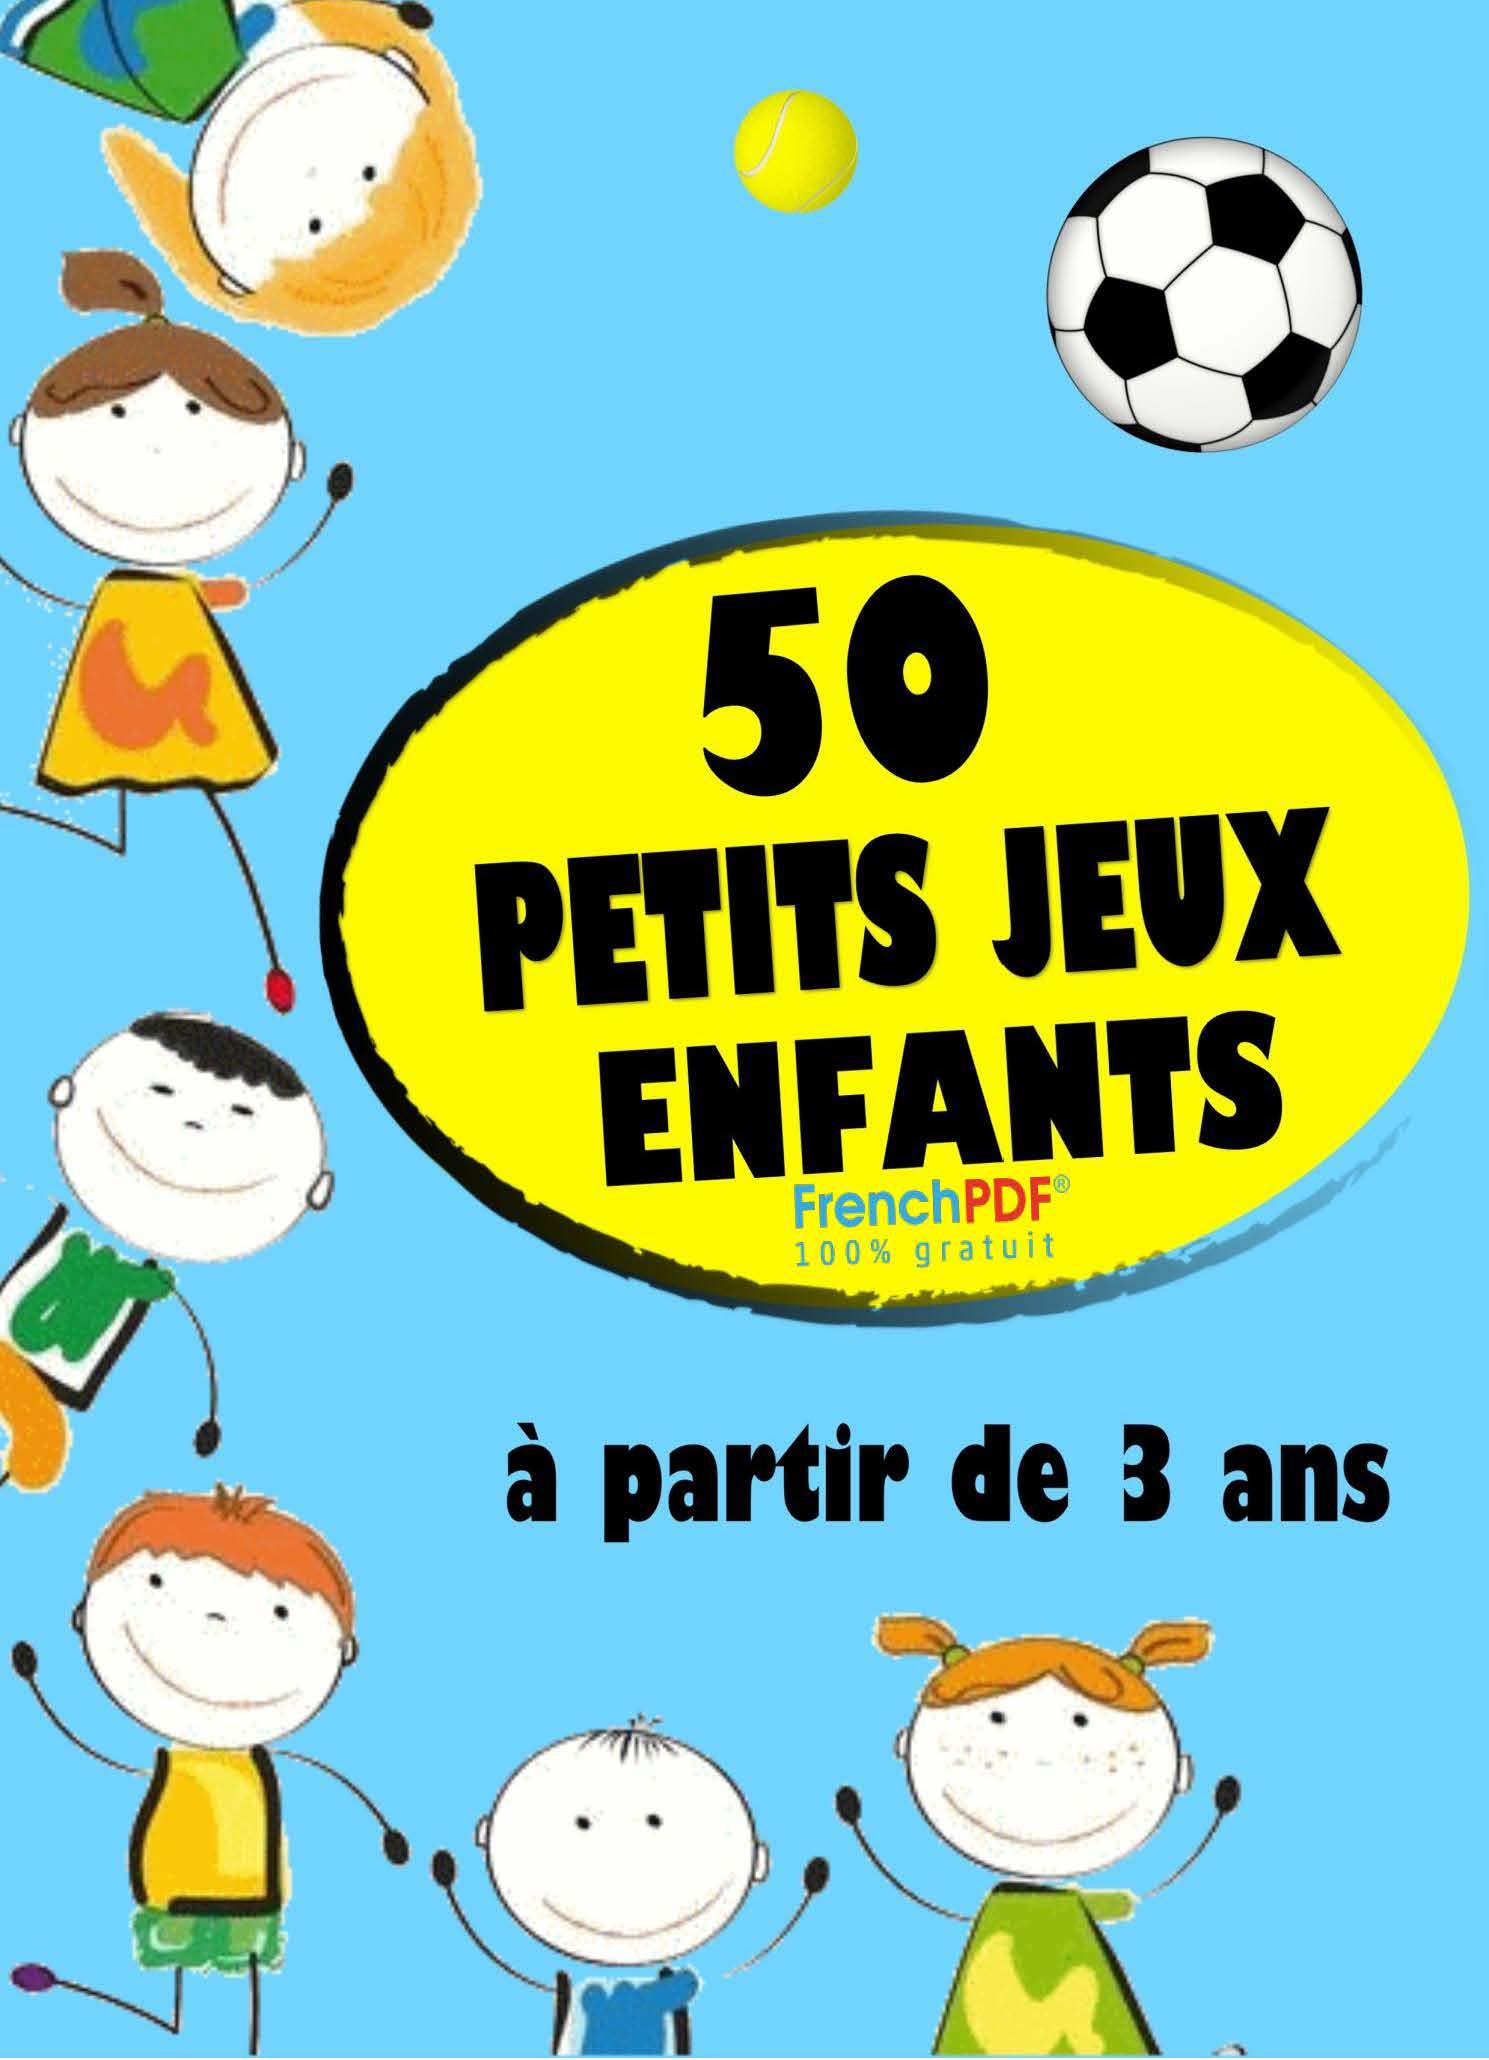 Gratuit] 50 Petits Jeux Enfants Pdf Livres Pour Enfants (+3 Ans) tout Jeux D Enfans Gratuit